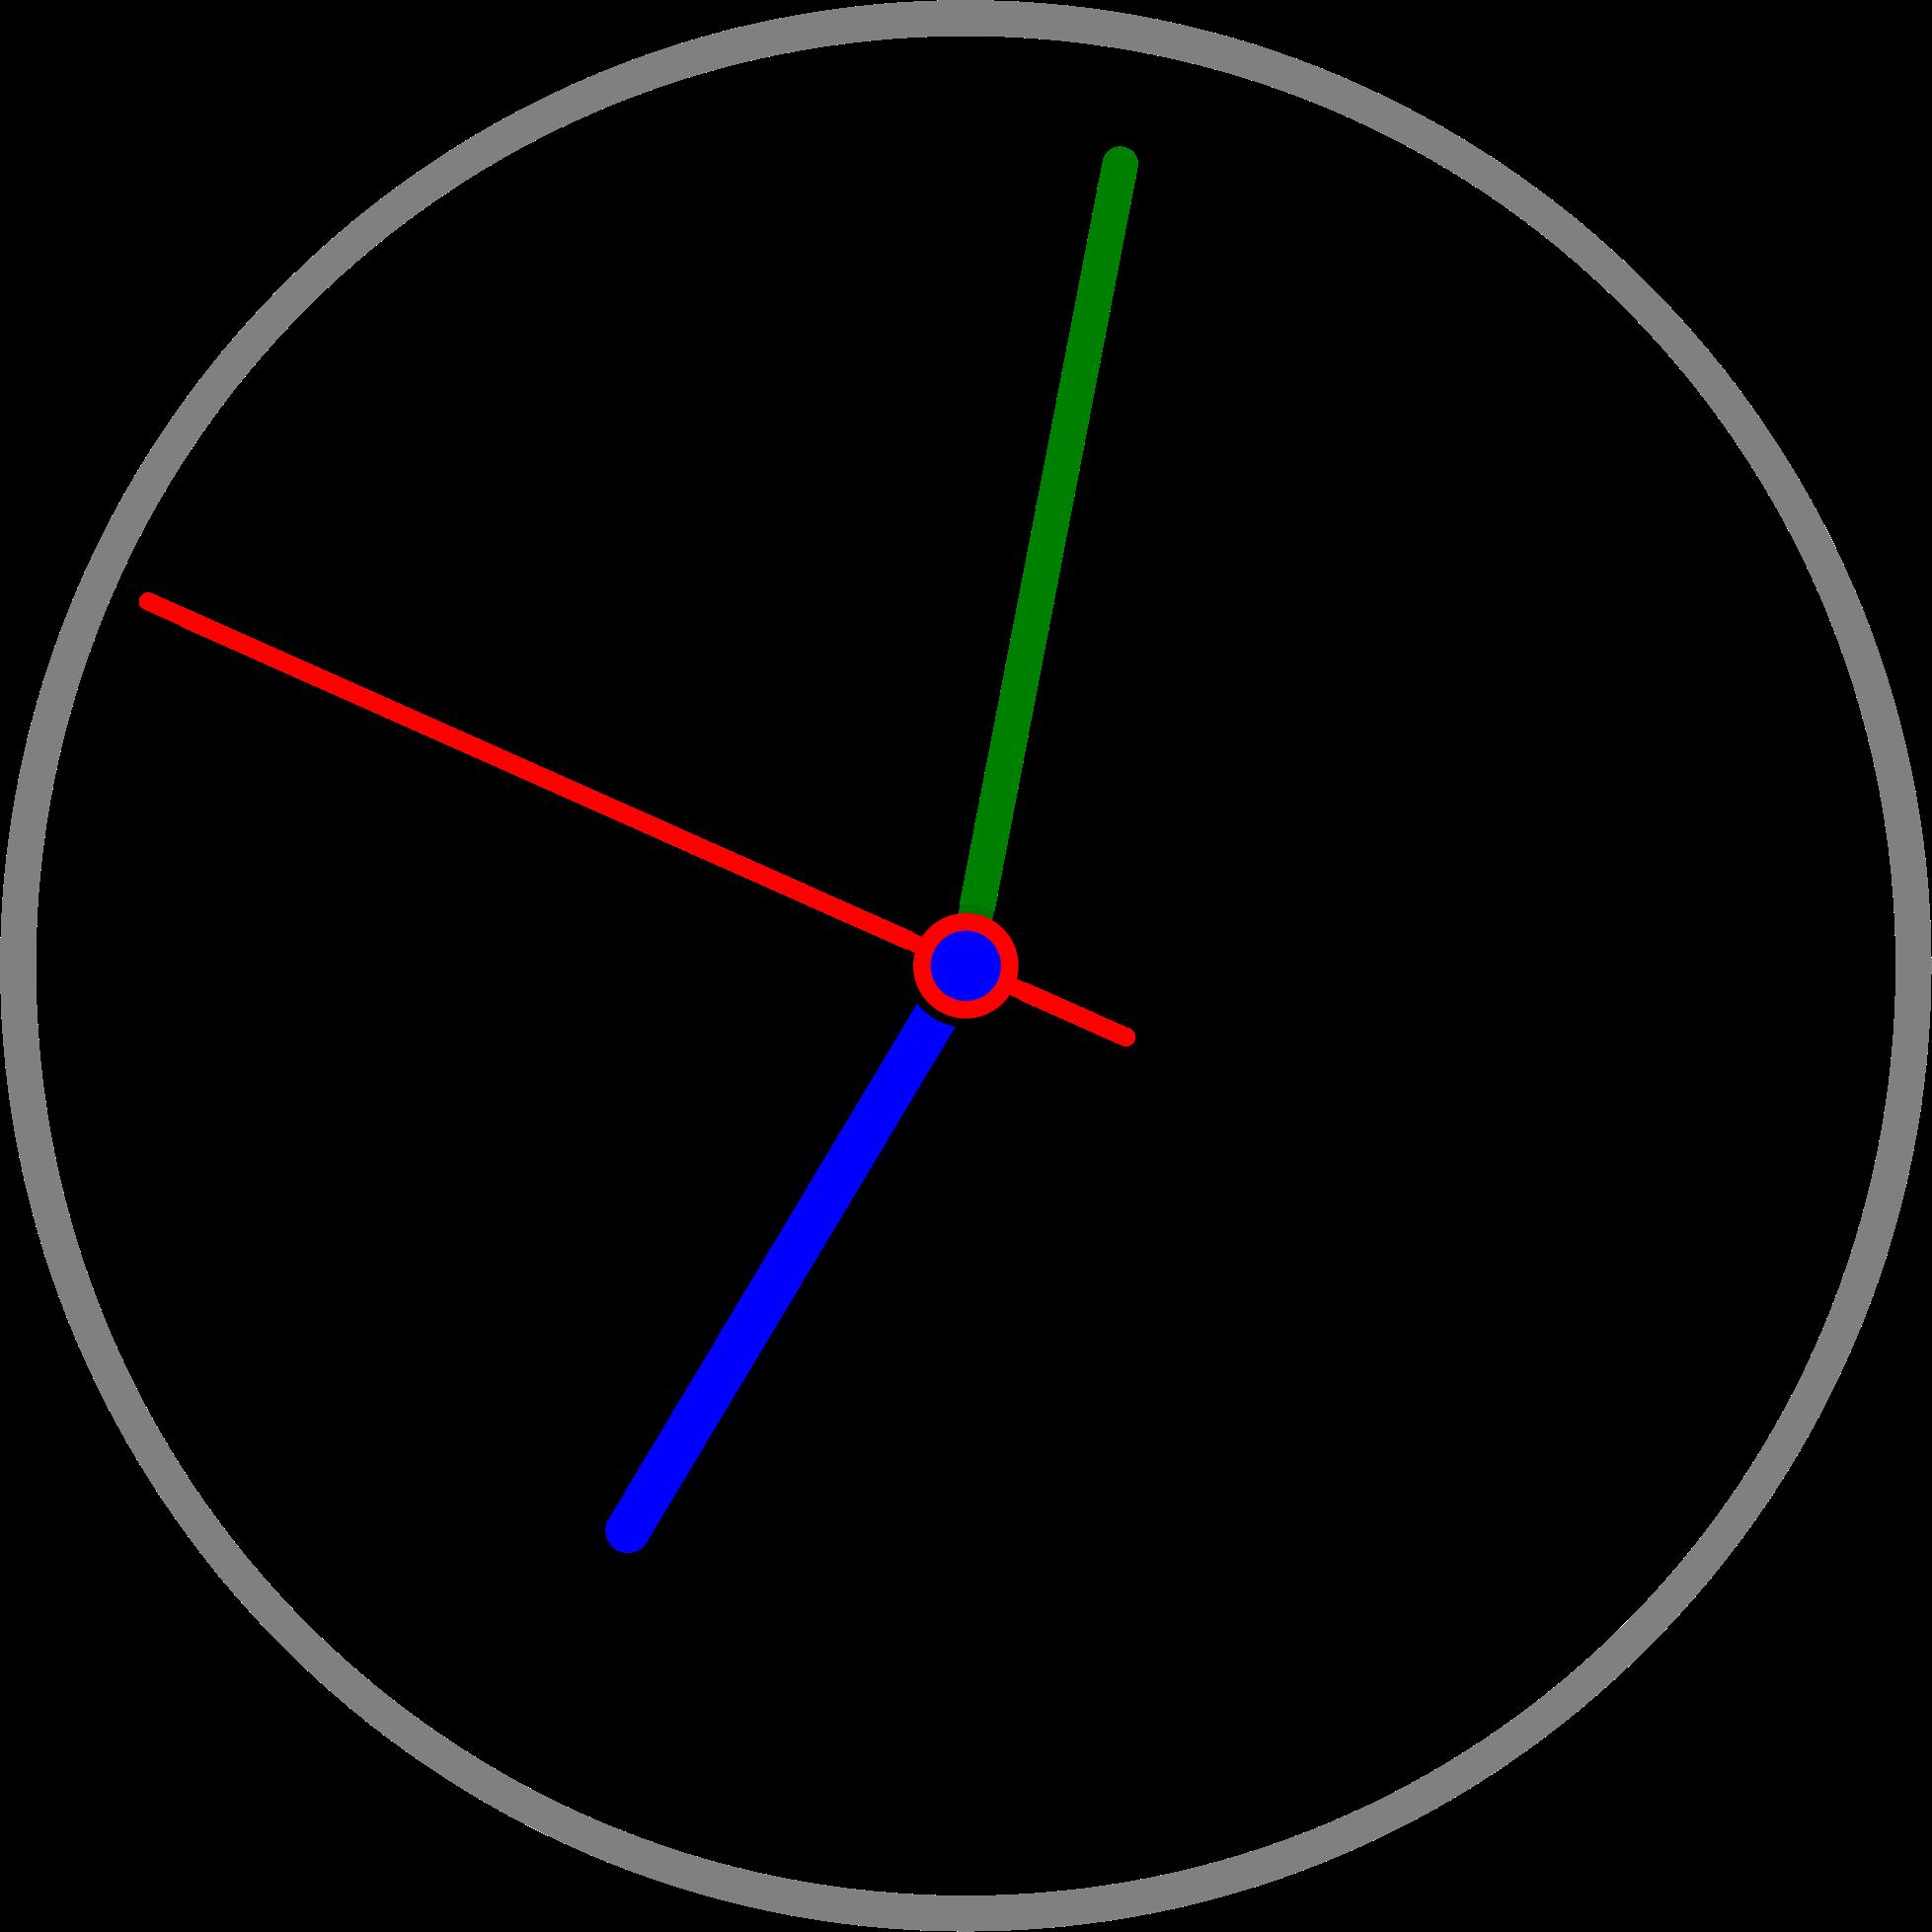 Big image png. Clock clipart vector